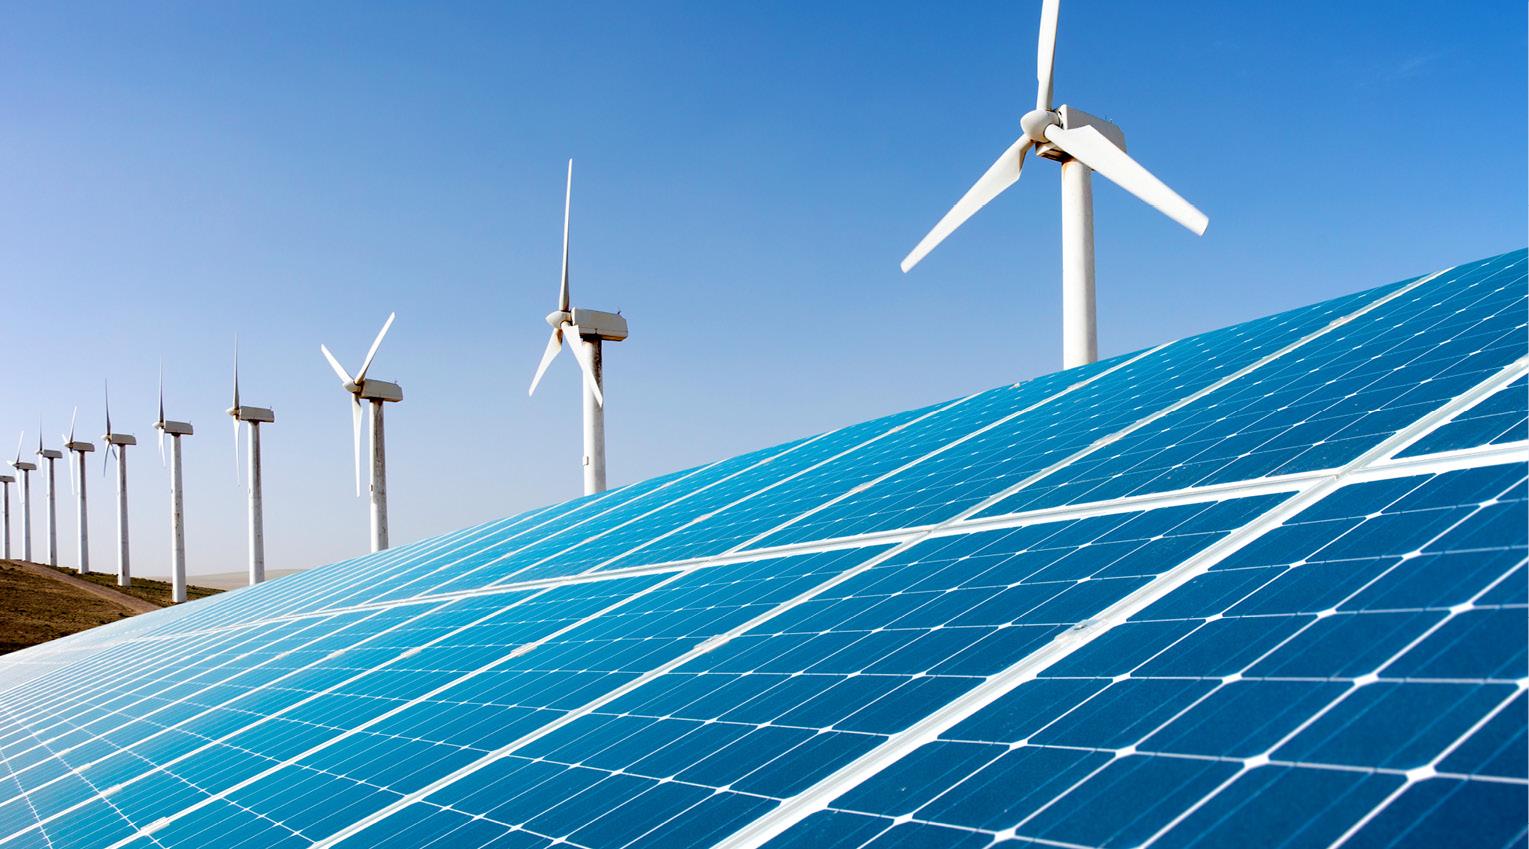 Восточную Сибирь хотят перевести на возобновляемую энергию